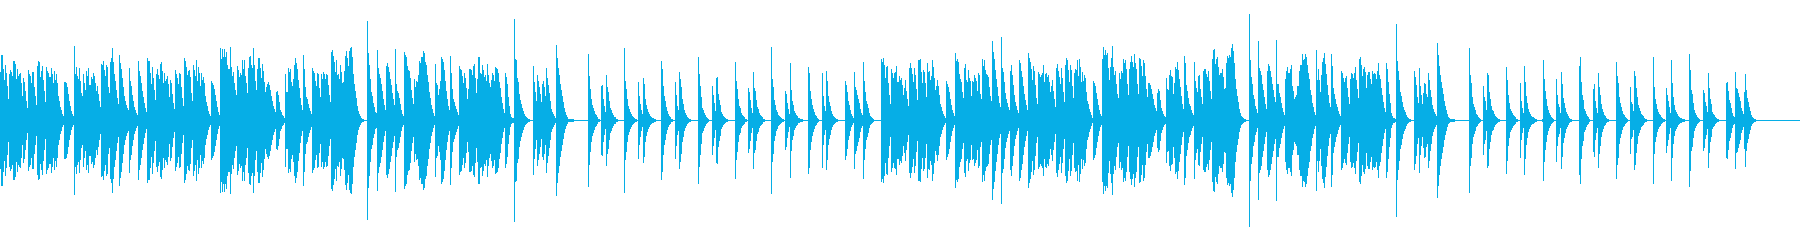 ほのぼのキュートな木琴の再生済みの波形